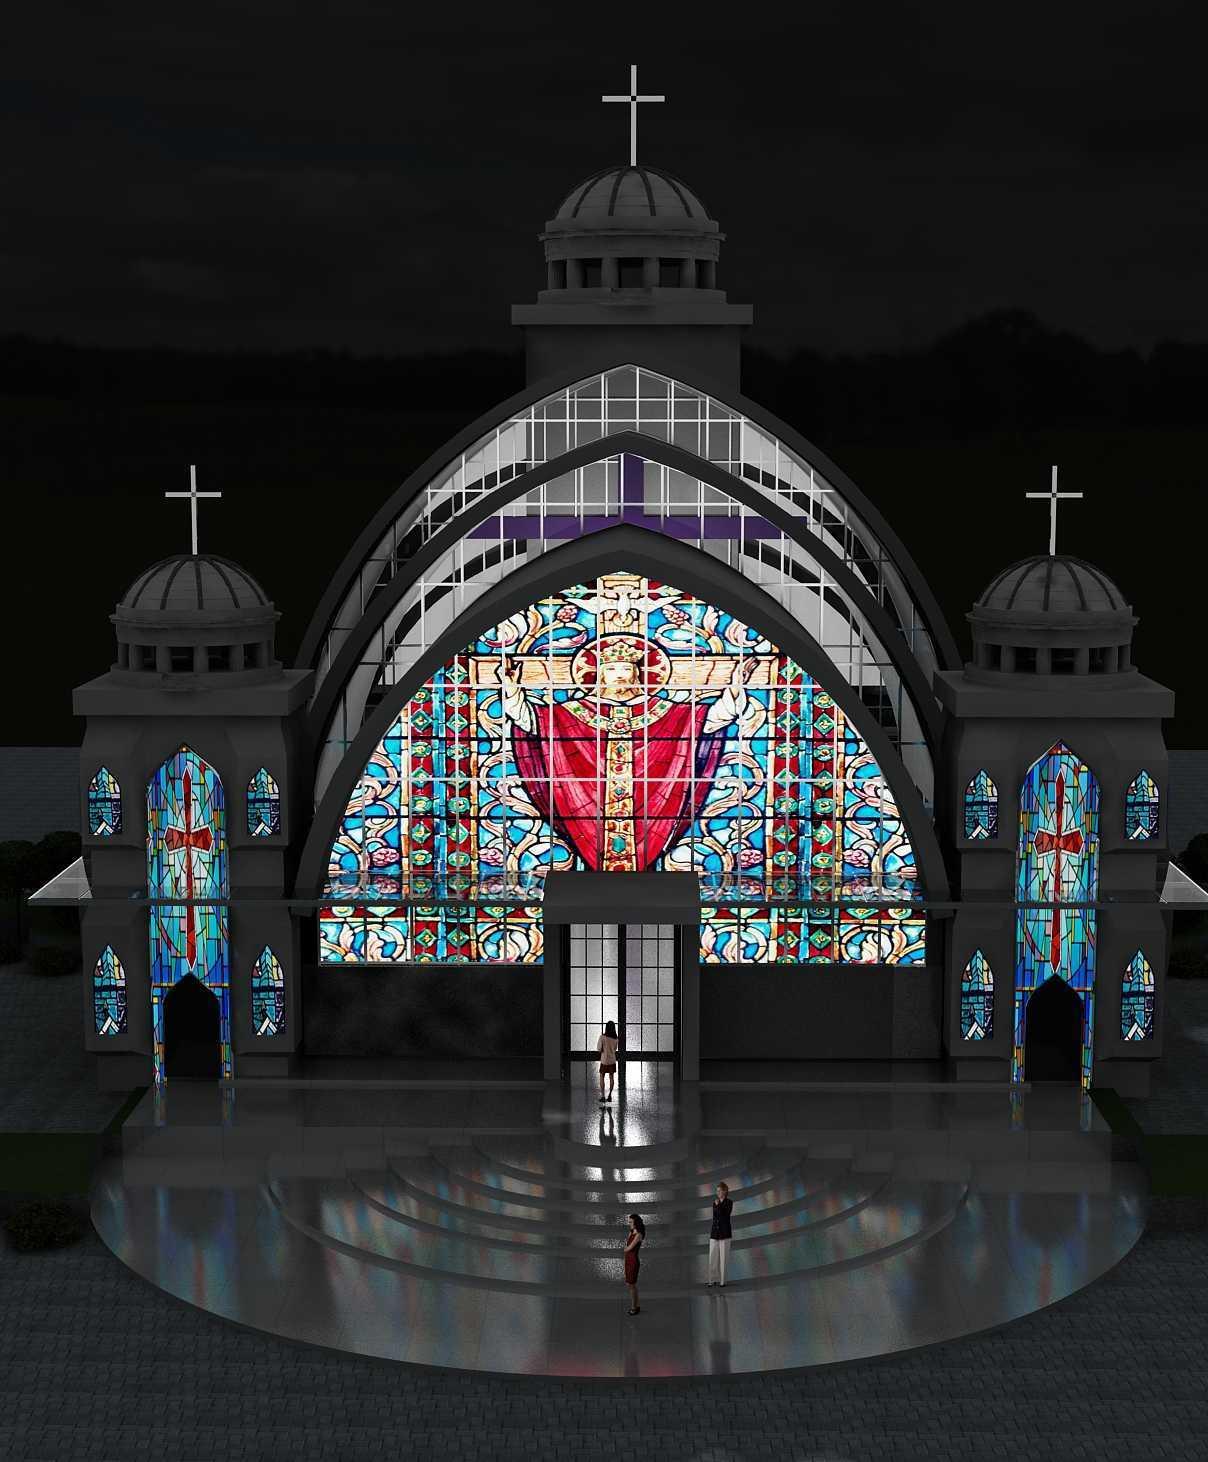 Oktavian Vicky Rantung Church  Manado, Manado City, North Sulawesi, Indonesia Manado, Manado City, North Sulawesi, Indonesia King-Lord Modern  34620